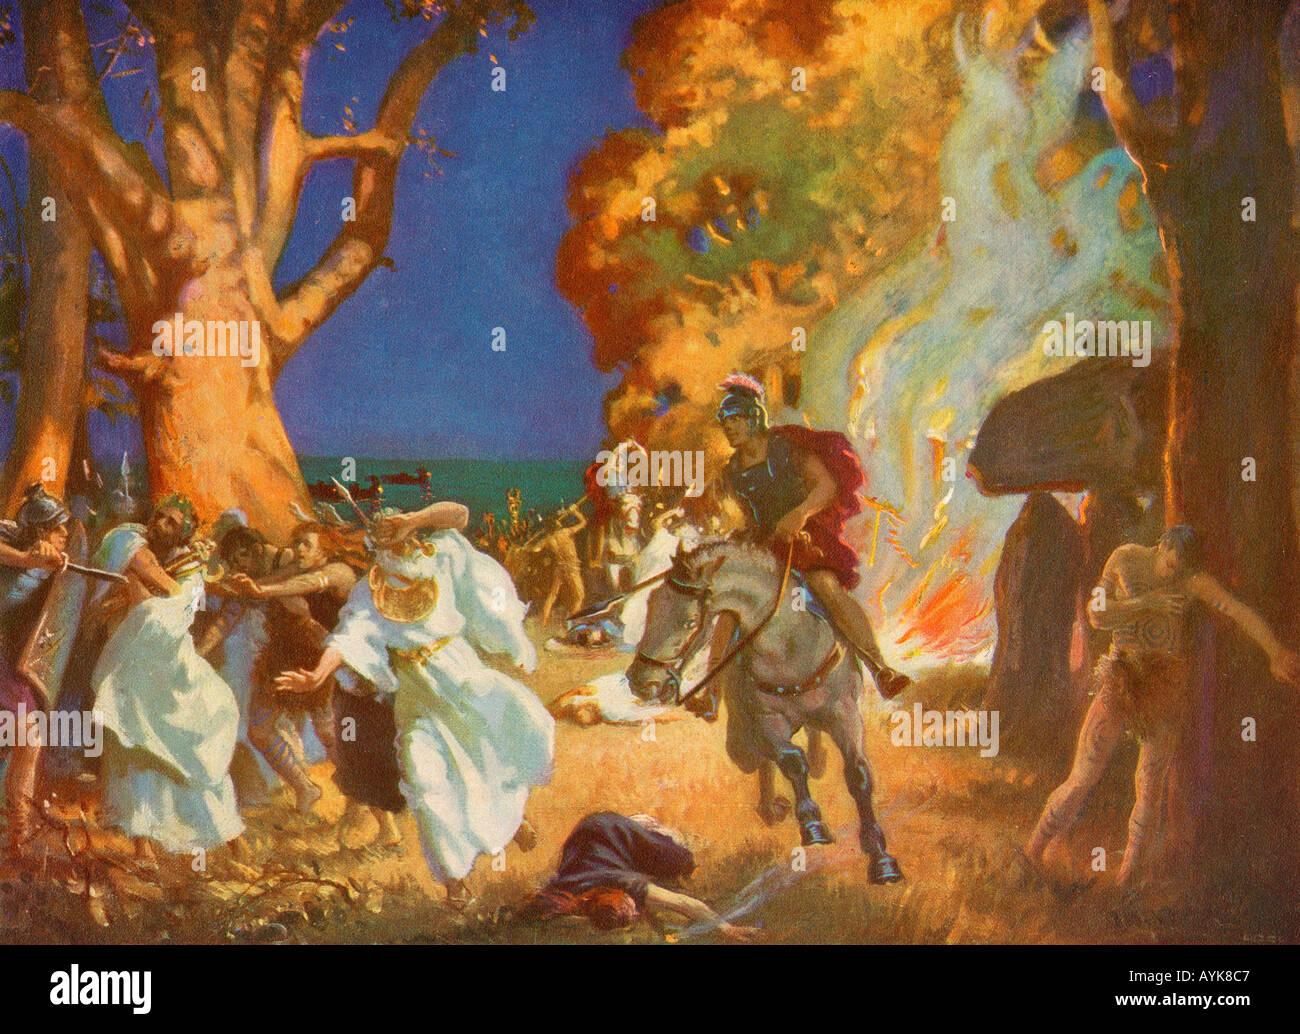 Romans Massacre Druids - Stock Image